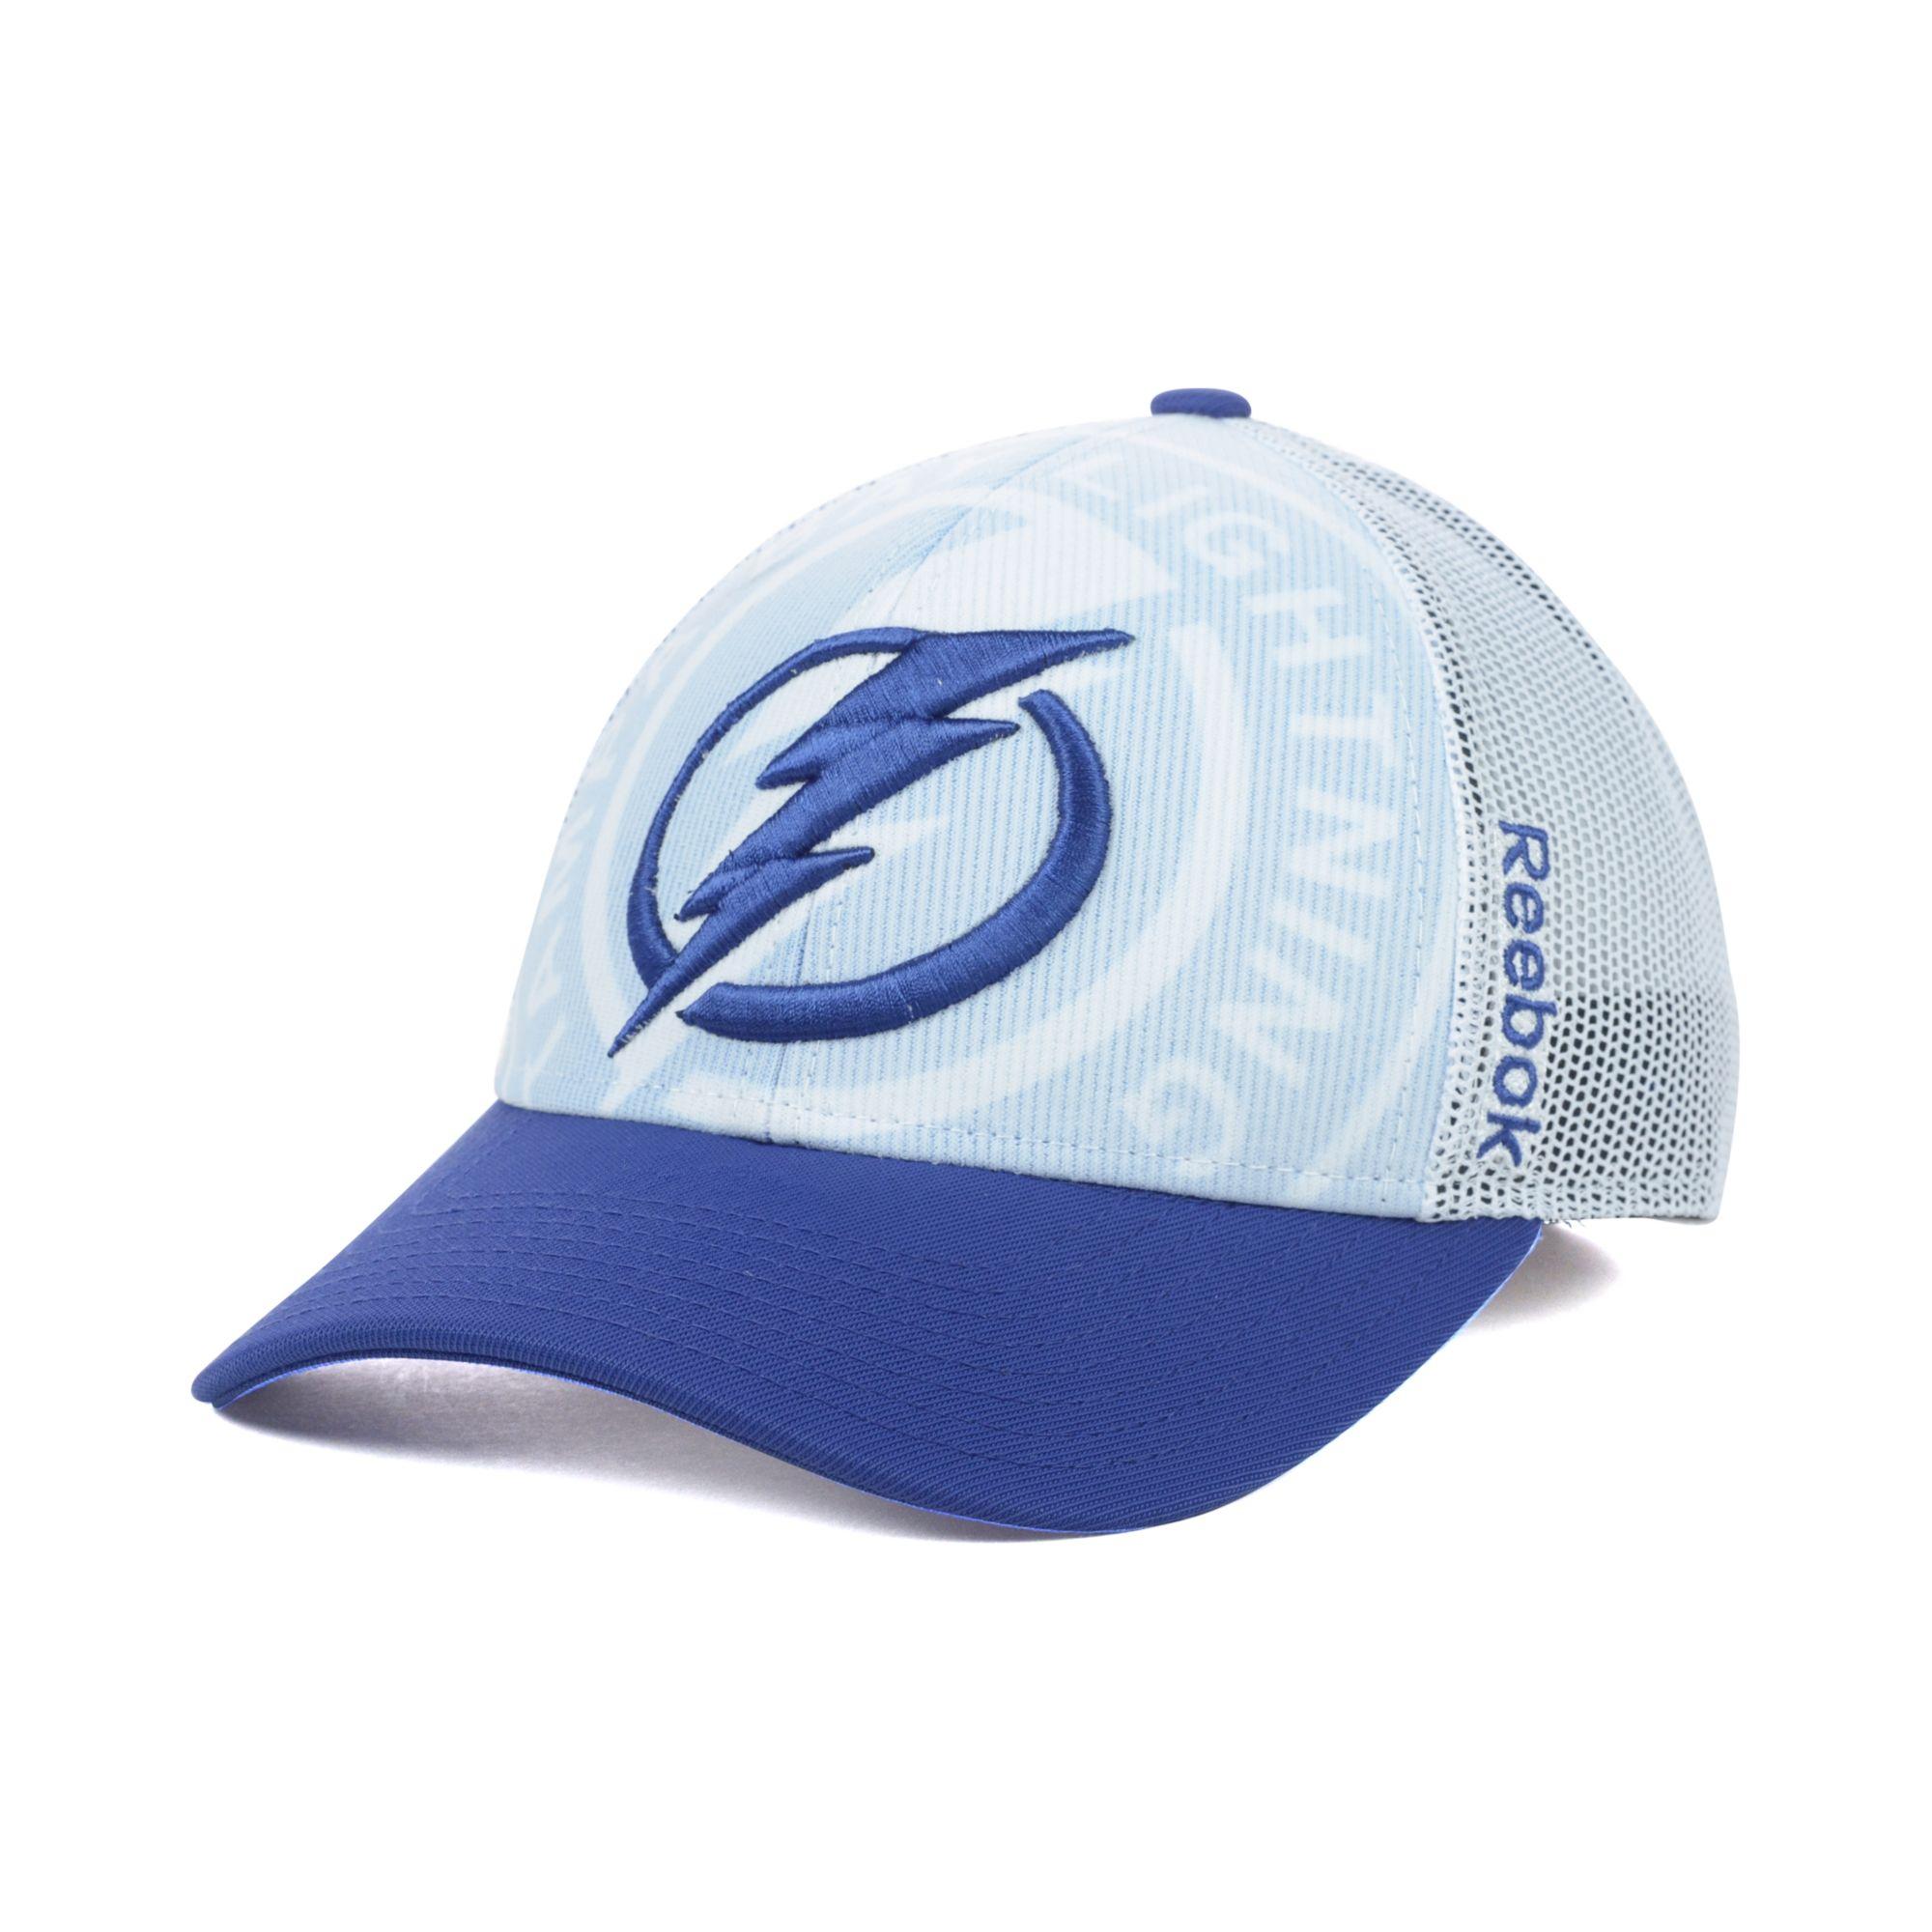 half off 038e8 40909 ... where to buy lyst reebok tampa bay lightning nhl draft cap in blue for  men 2da4e